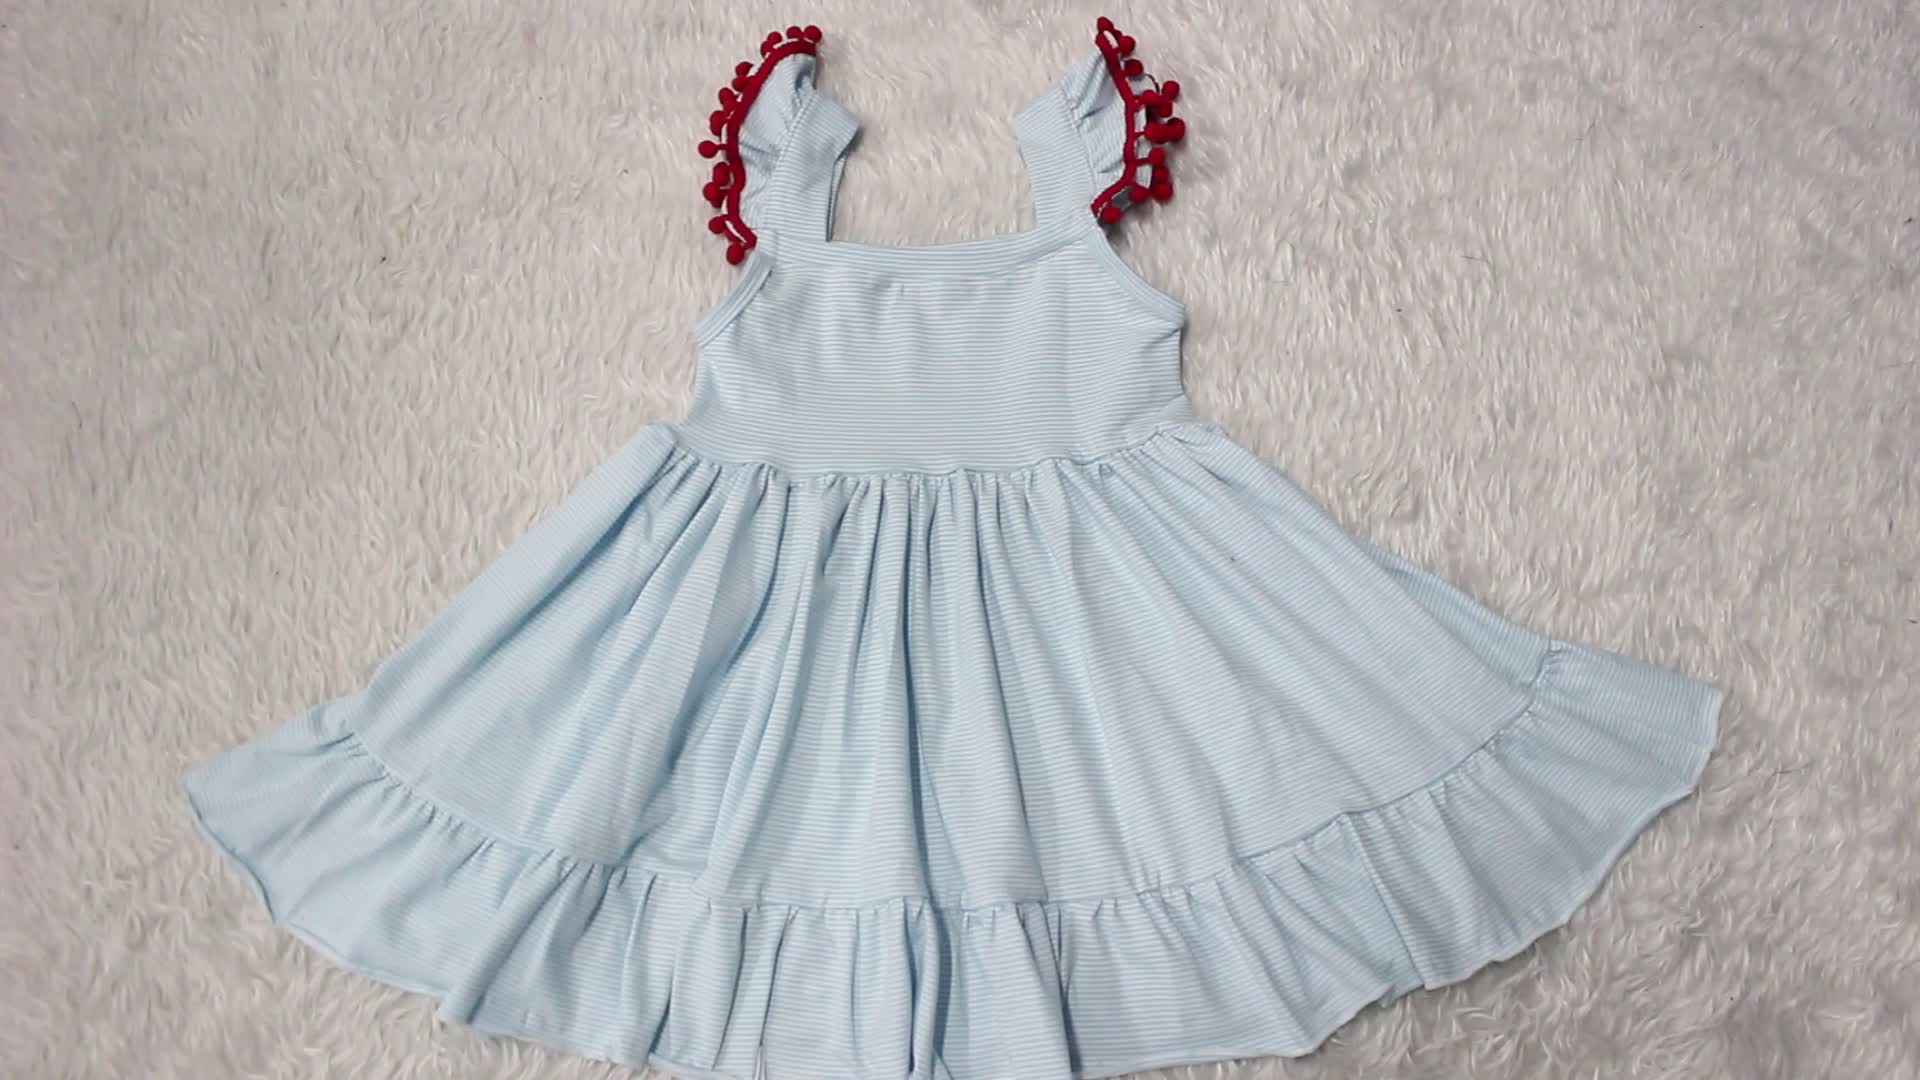 Nuovo Design Europeo Stili Del Bambino della Molla Delle Ragazze Top A Manica Lunga Del Fumetto Stampato del Vestito Della Bretella